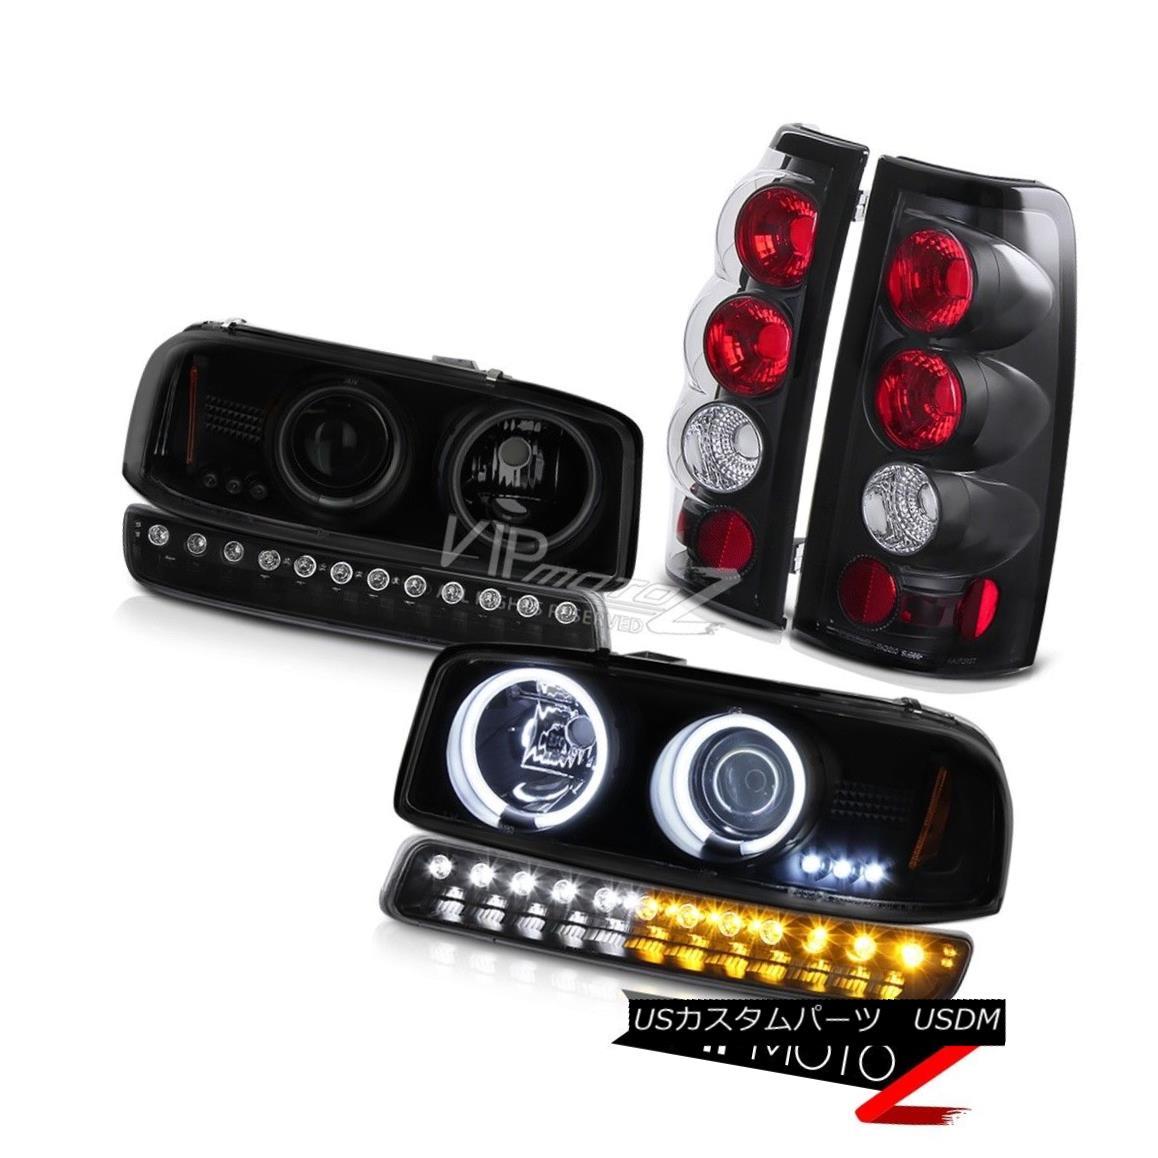 ヘッドライト 99 00 01 02 GMC Sierra Nighthawk black tail lamps signal lamp ccfl headlamps 99 00 01 02 GMC Sierra Nighthawkブラックテールランプ信号ランプccflヘッドランプ